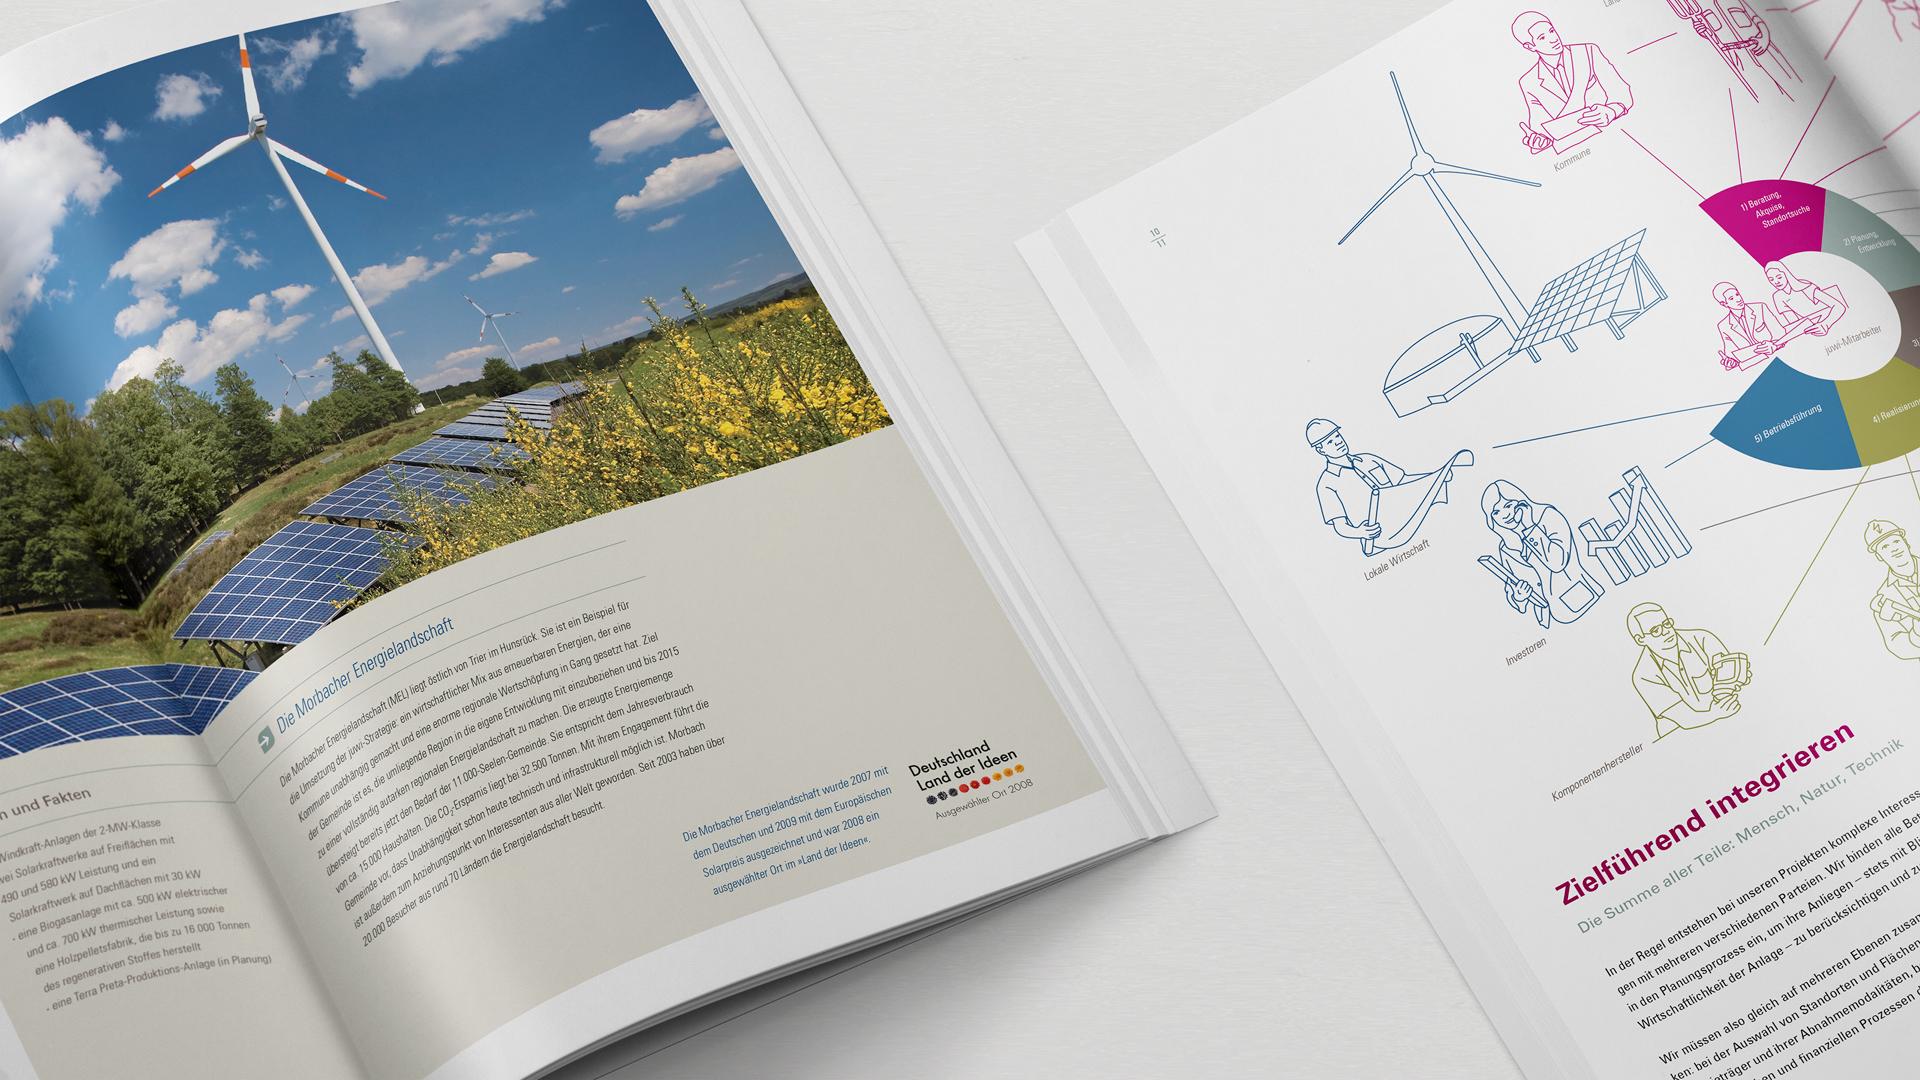 Juwi Broschüren mit Illustrationen